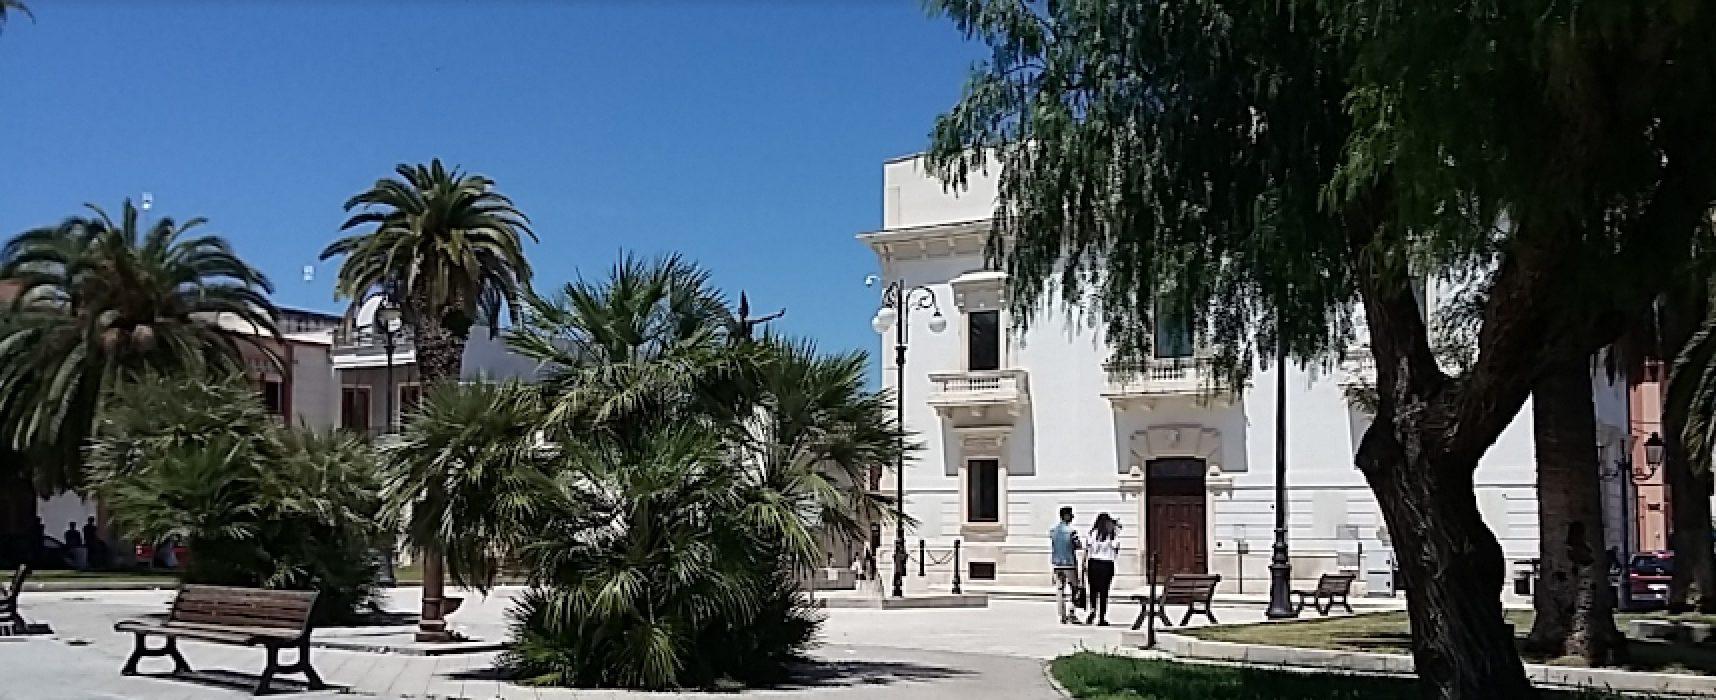 """Rassegna """"Fuori Libri"""", oggi tappa a San Ferdinando di Puglia con quattro autori"""